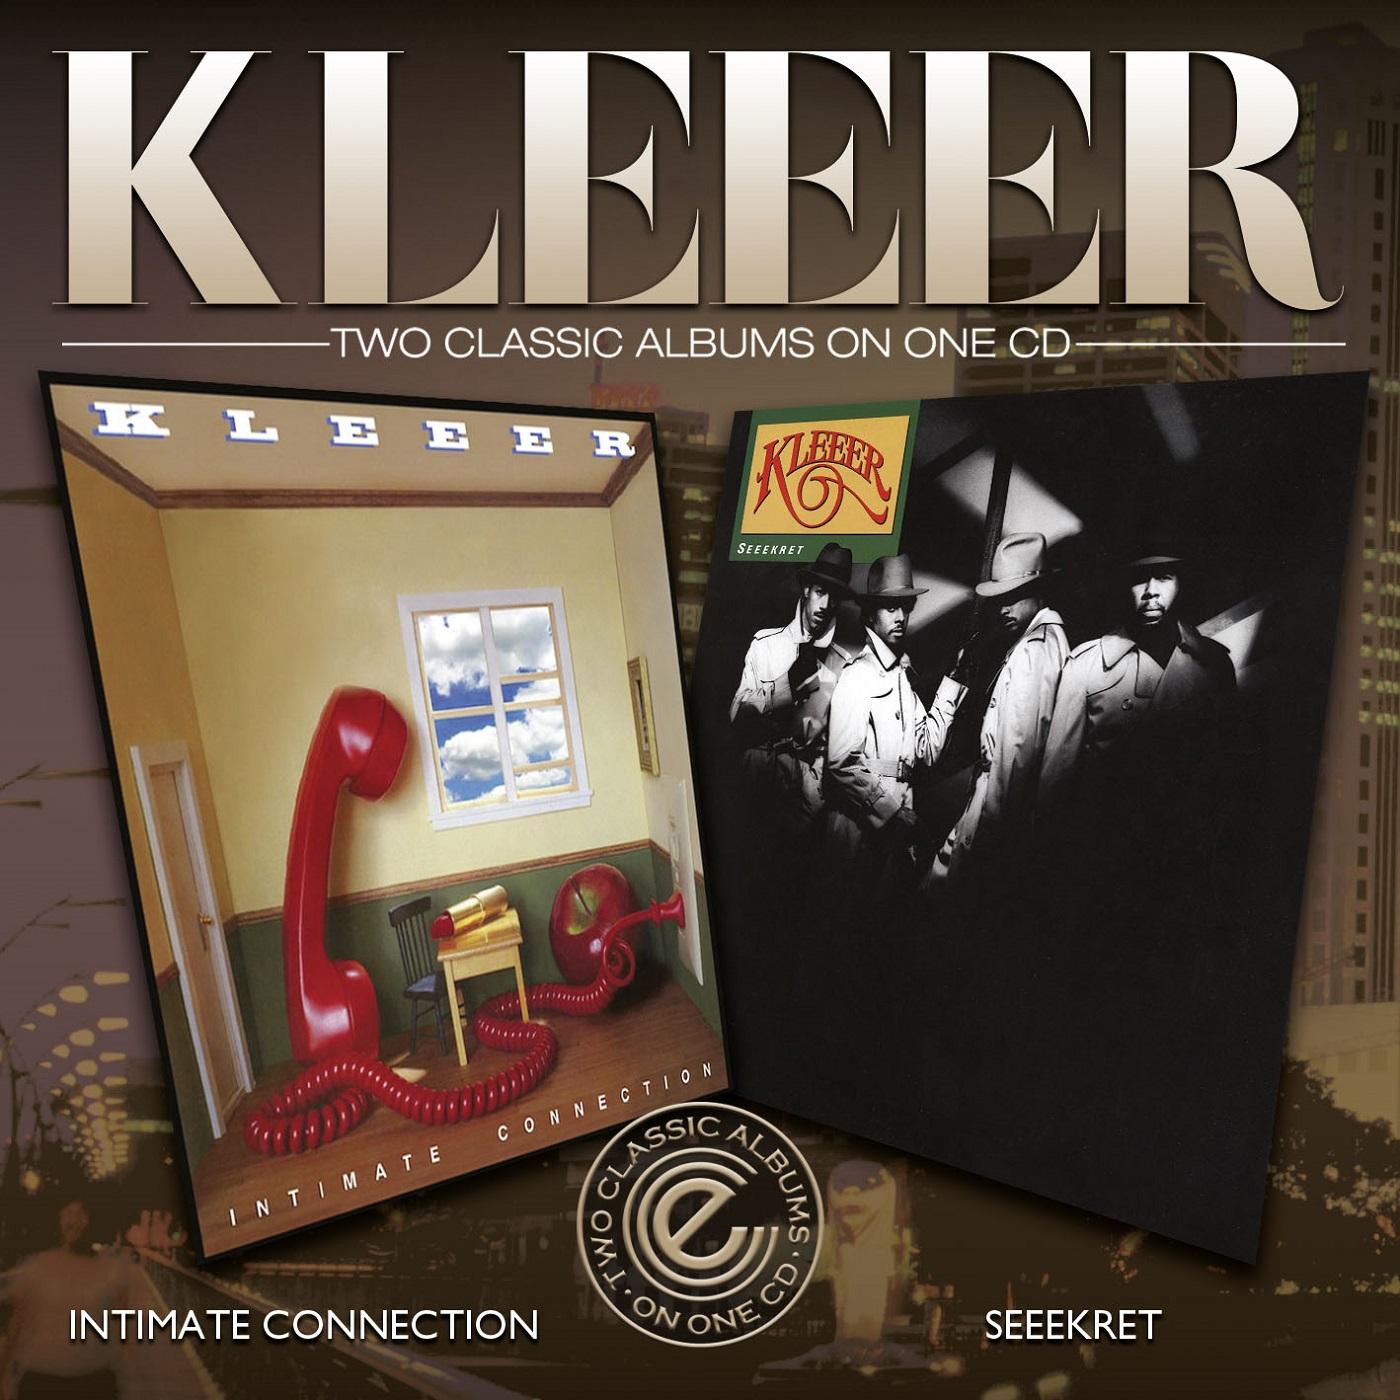 Kleeer/INTIMATE CONNECTION & SEEKRET CD